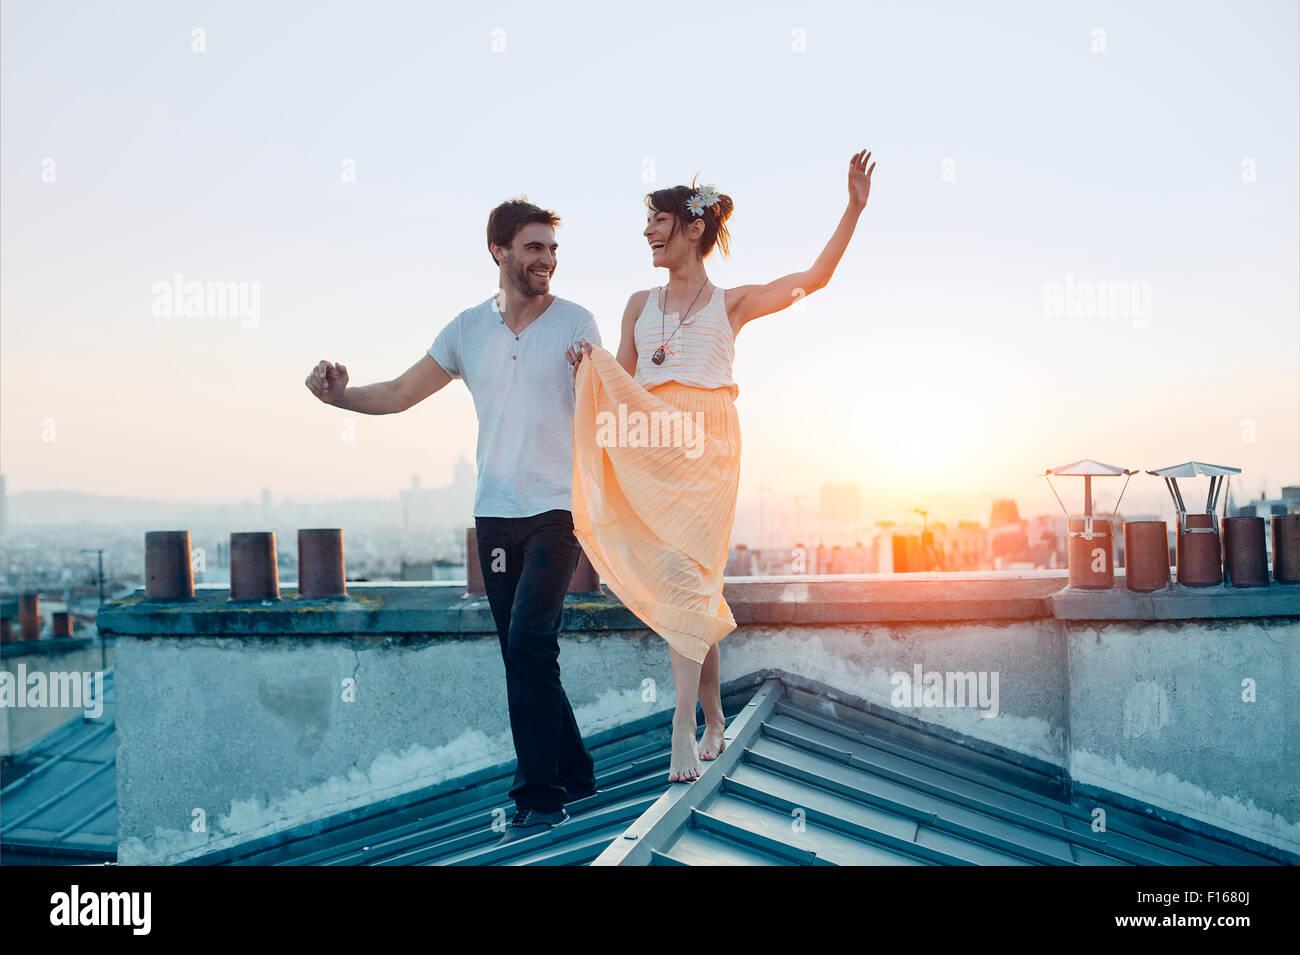 Paris, Couple walking on paris's roofs - Stock Image